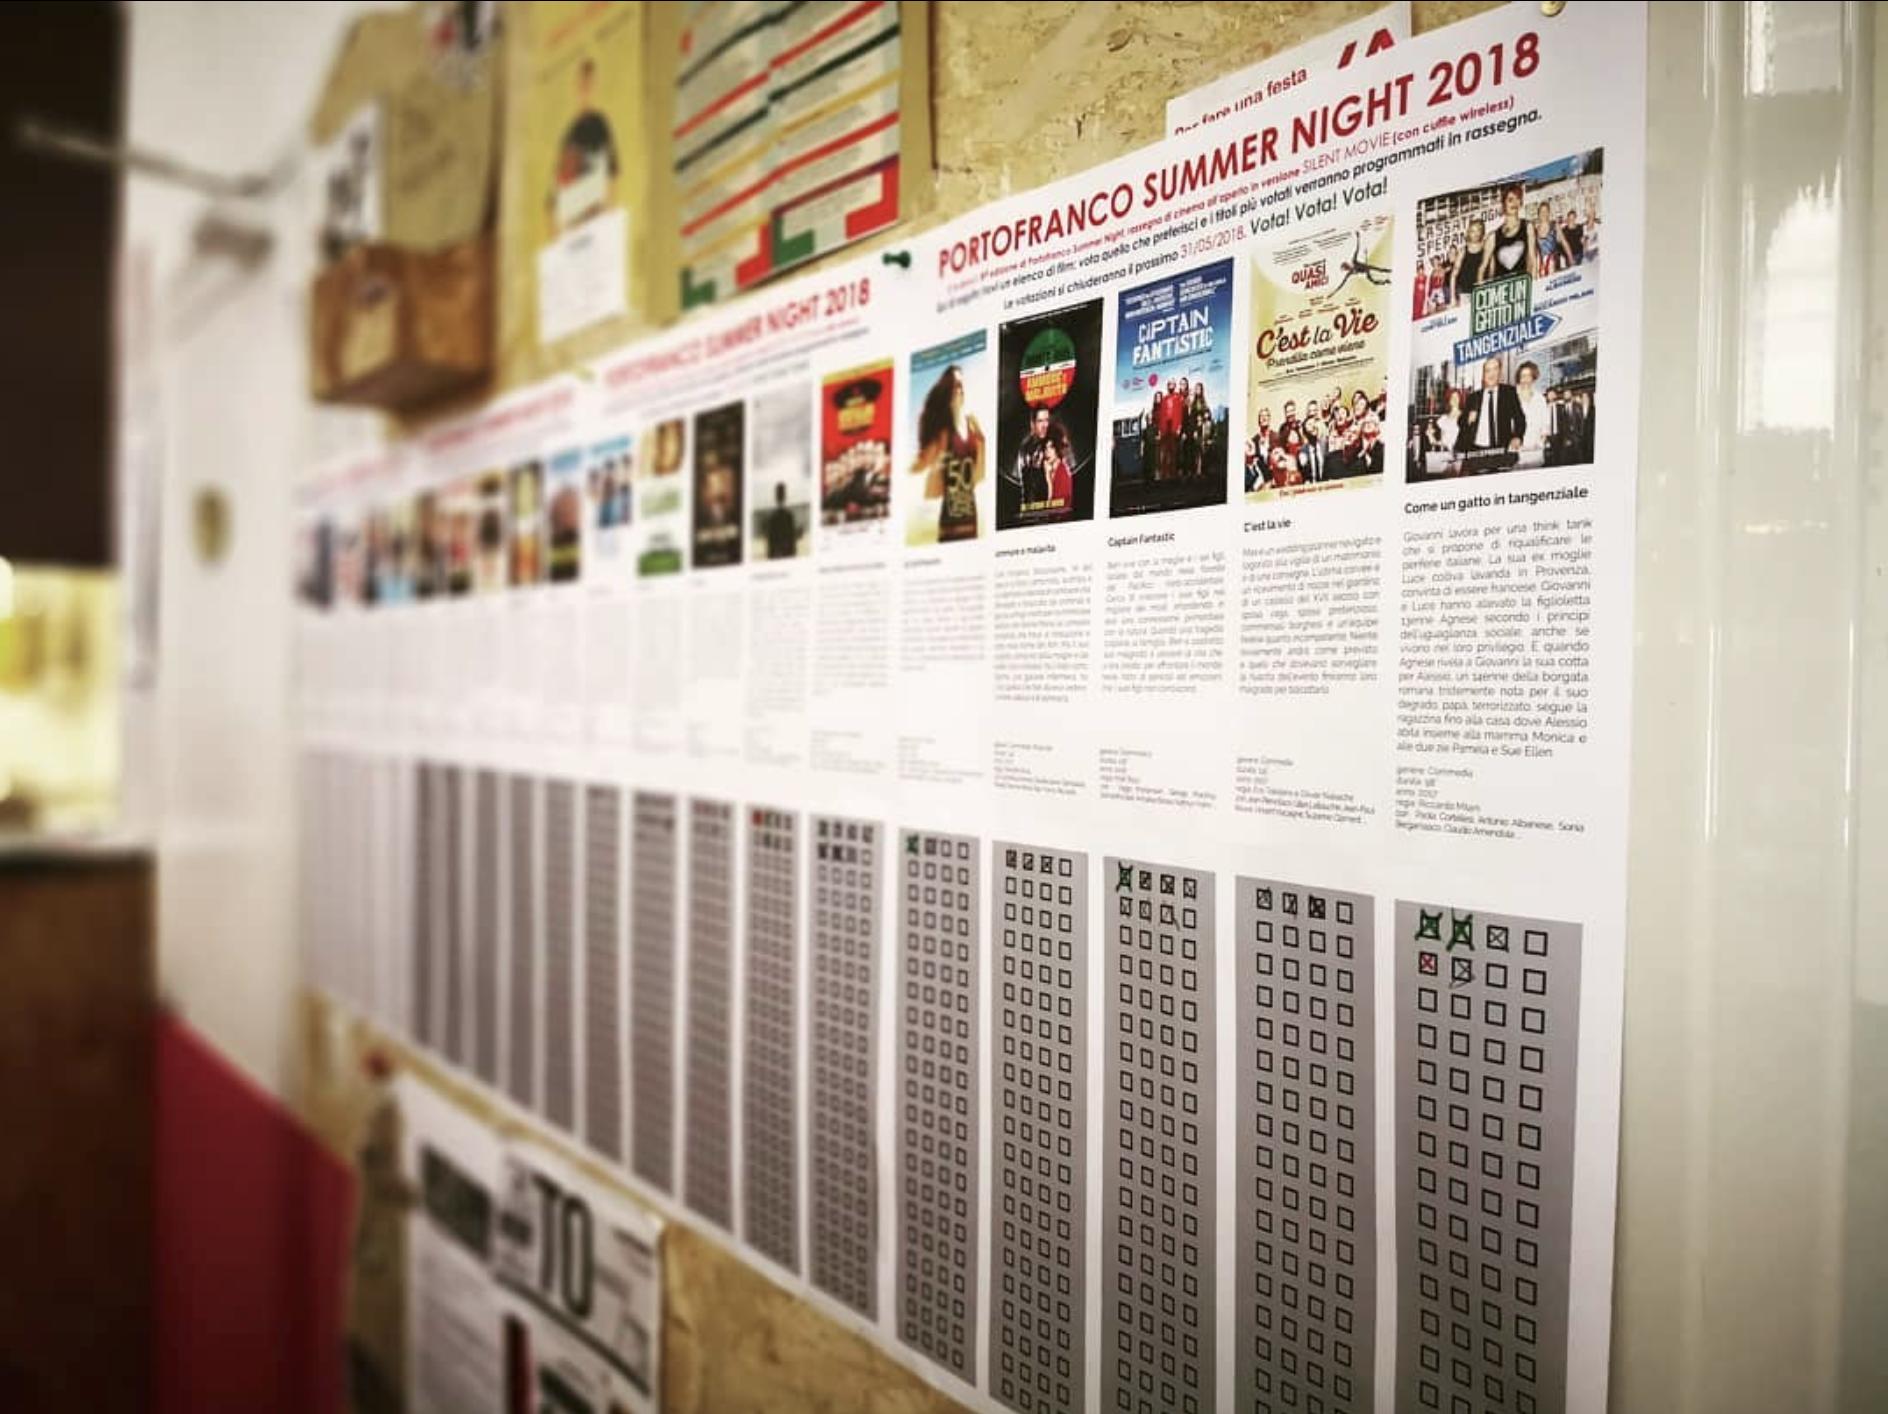 Scegli i film che verranno proiettati al PortoFranco Summer Night 2019